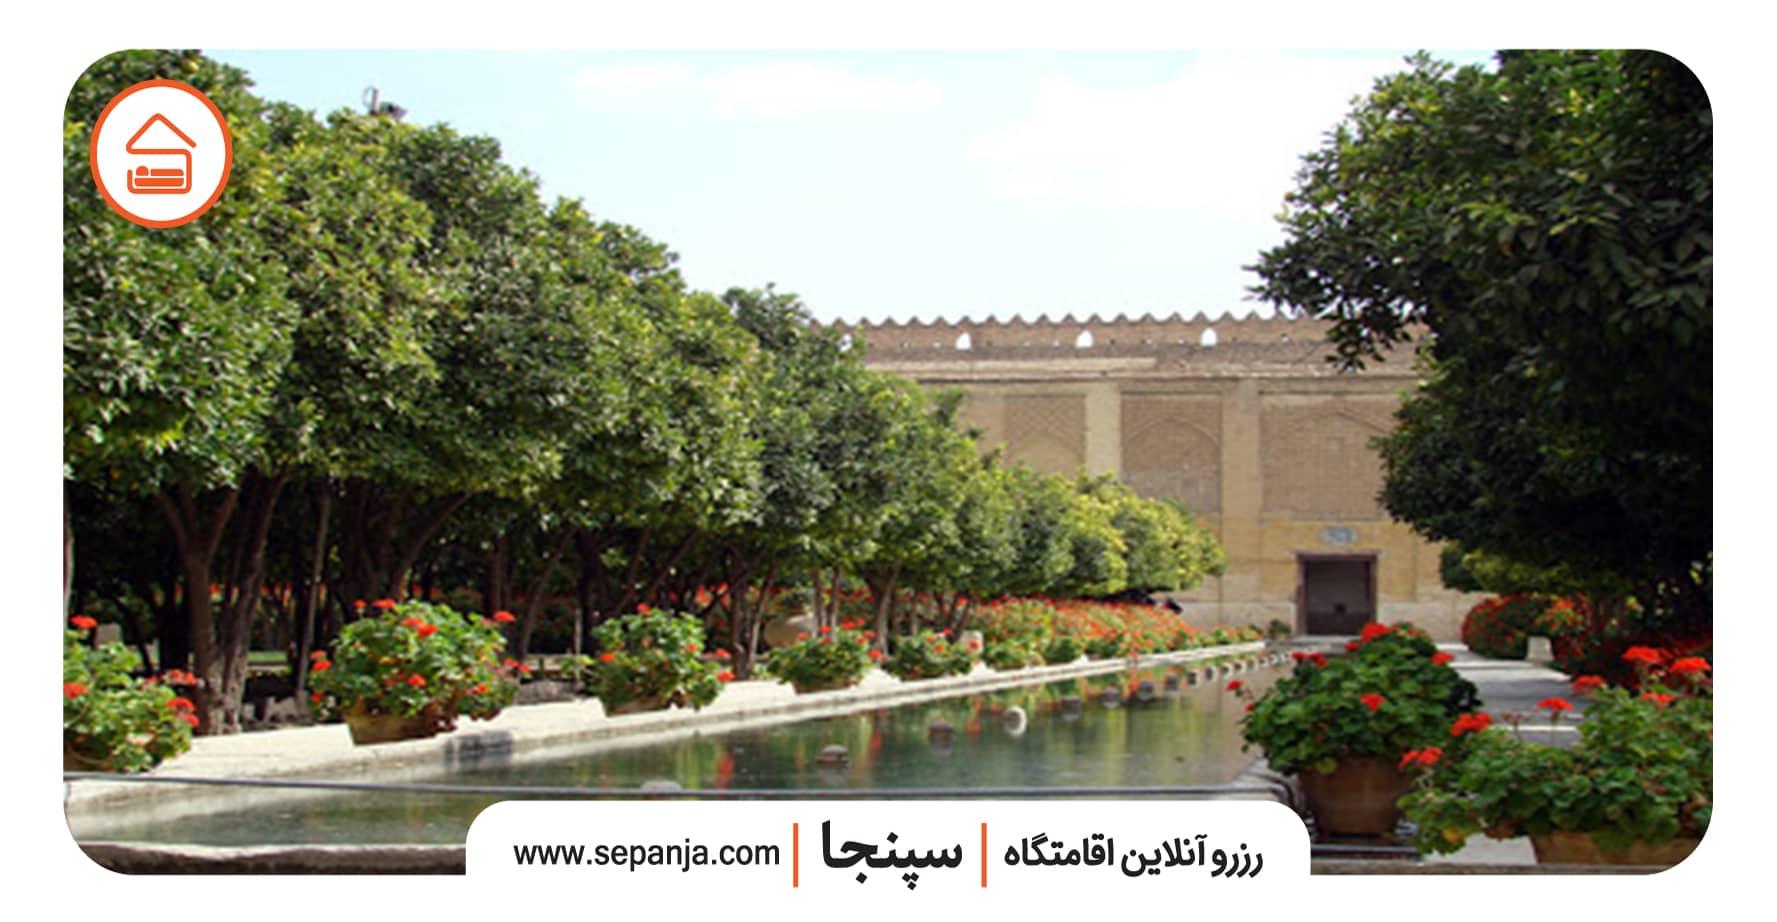 نمایی از حیاط و معماری ارگ کریمخان شیراز